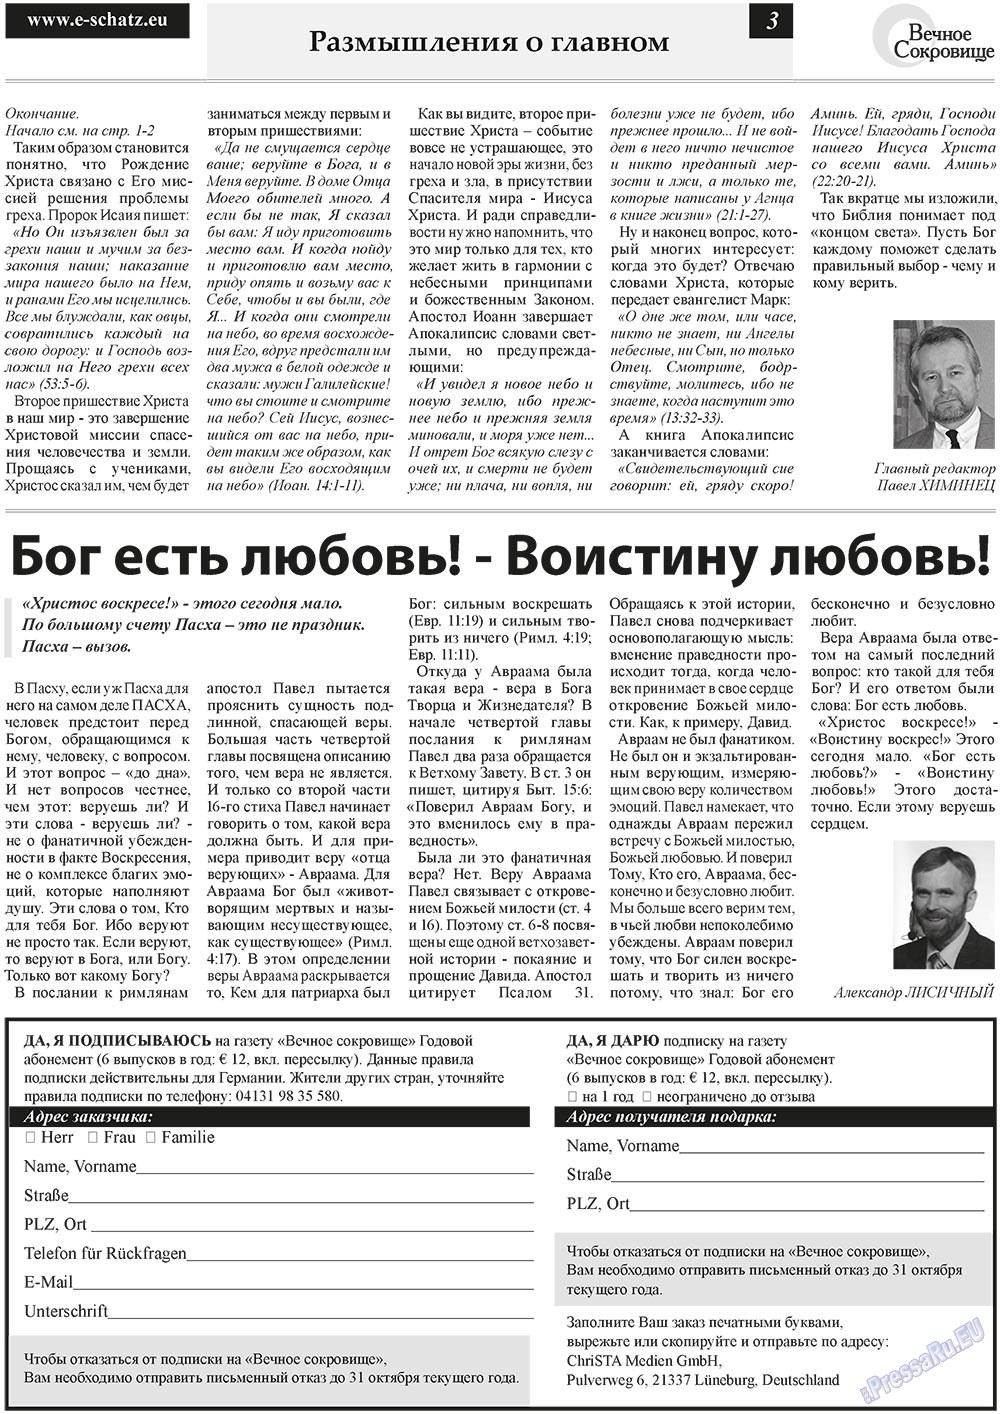 Вечное сокровище (газета). 2011 год, номер 2, стр. 3